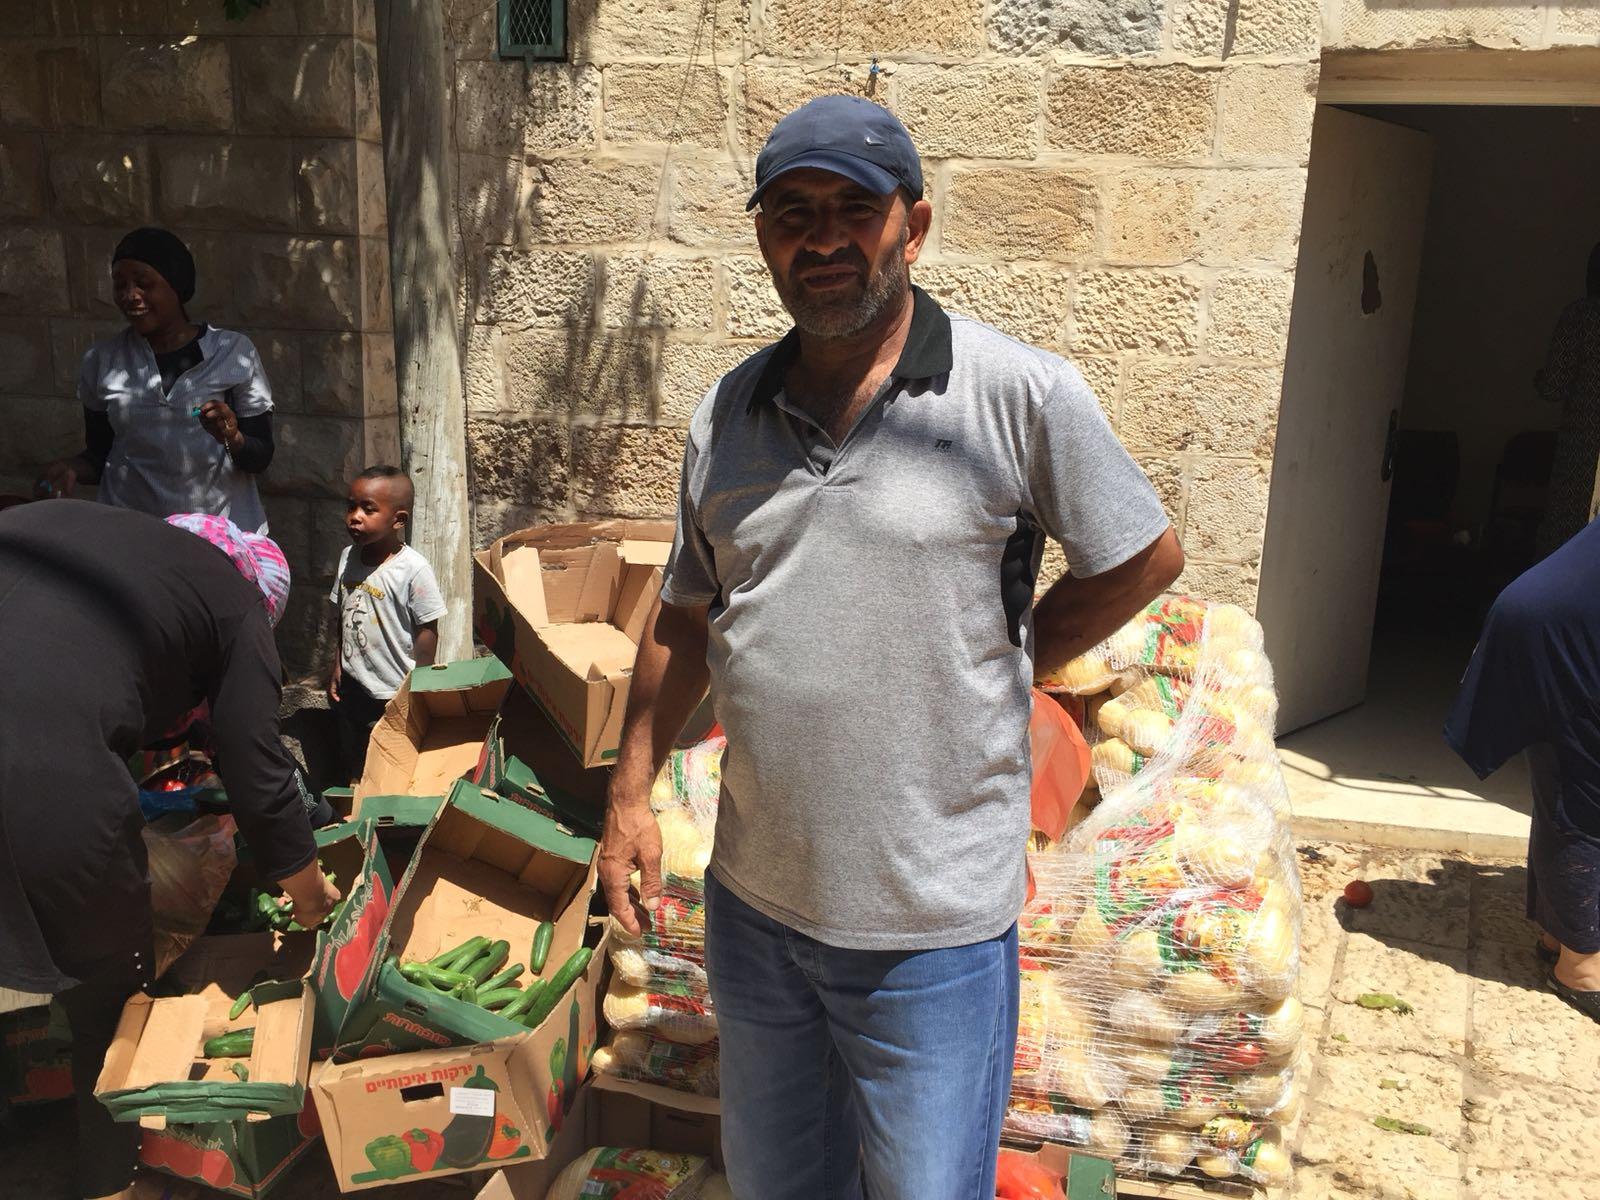 اللد: لجنة الزكاة المحلية توزع طروداً غذائية على العائلات المستورة بمناسبة رمضان